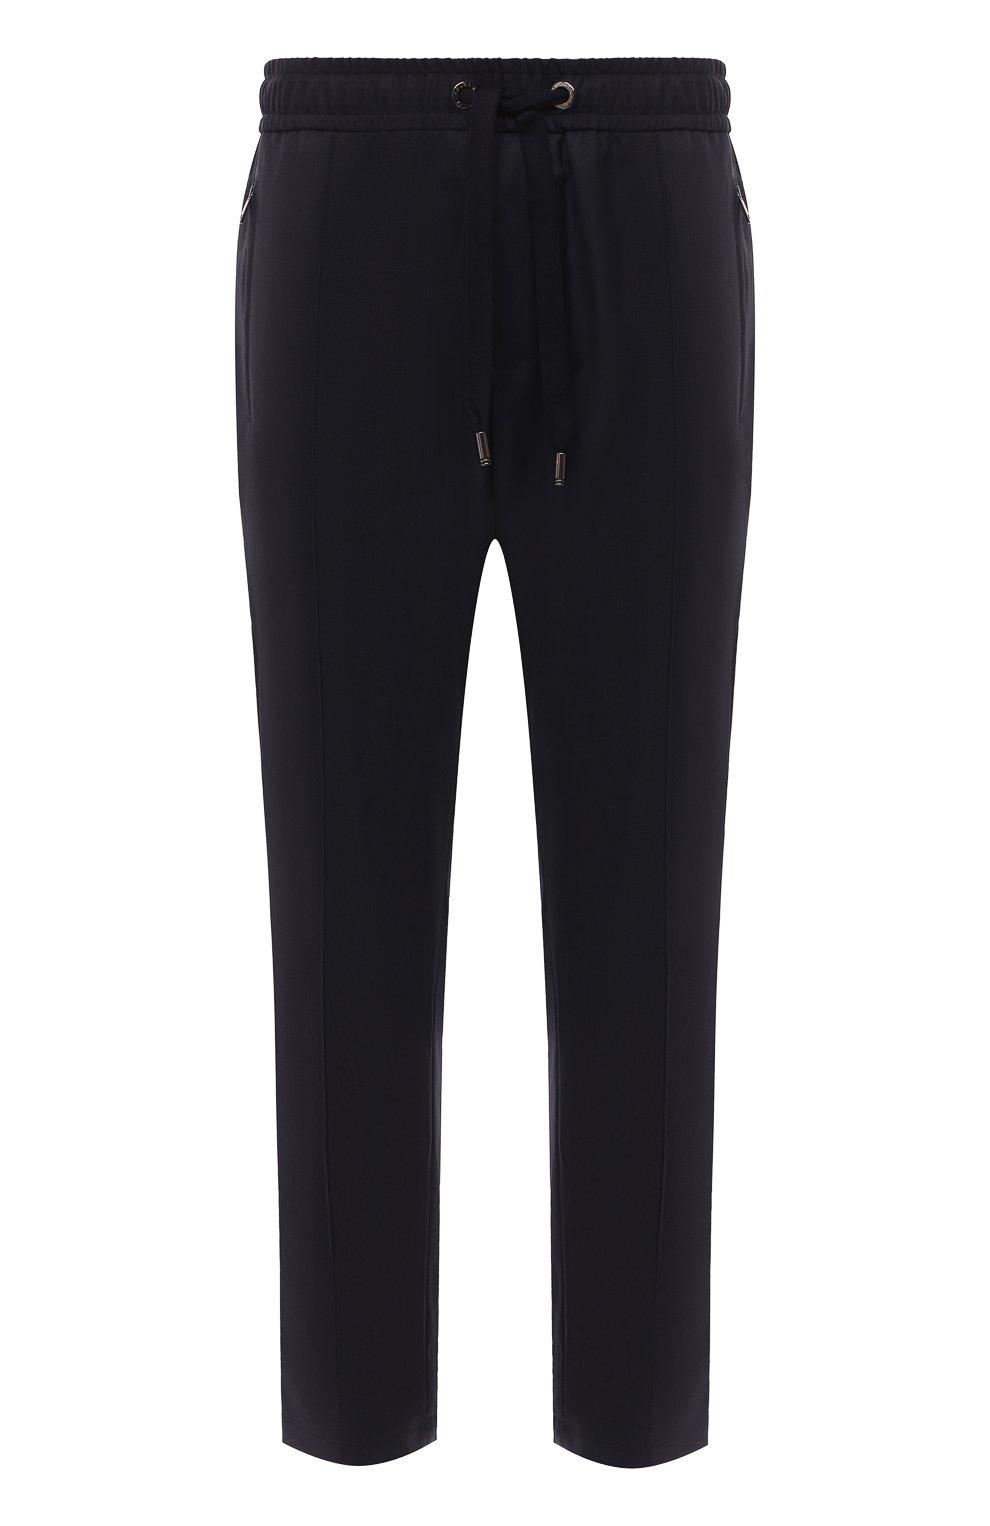 Мужские шерстяные брюки DOLCE & GABBANA синего цвета, арт. GYACET/FU2Z9   Фото 1 (Материал внешний: Шерсть; Длина (брюки, джинсы): Стандартные; Случай: Повседневный; Стили: Кэжуэл)